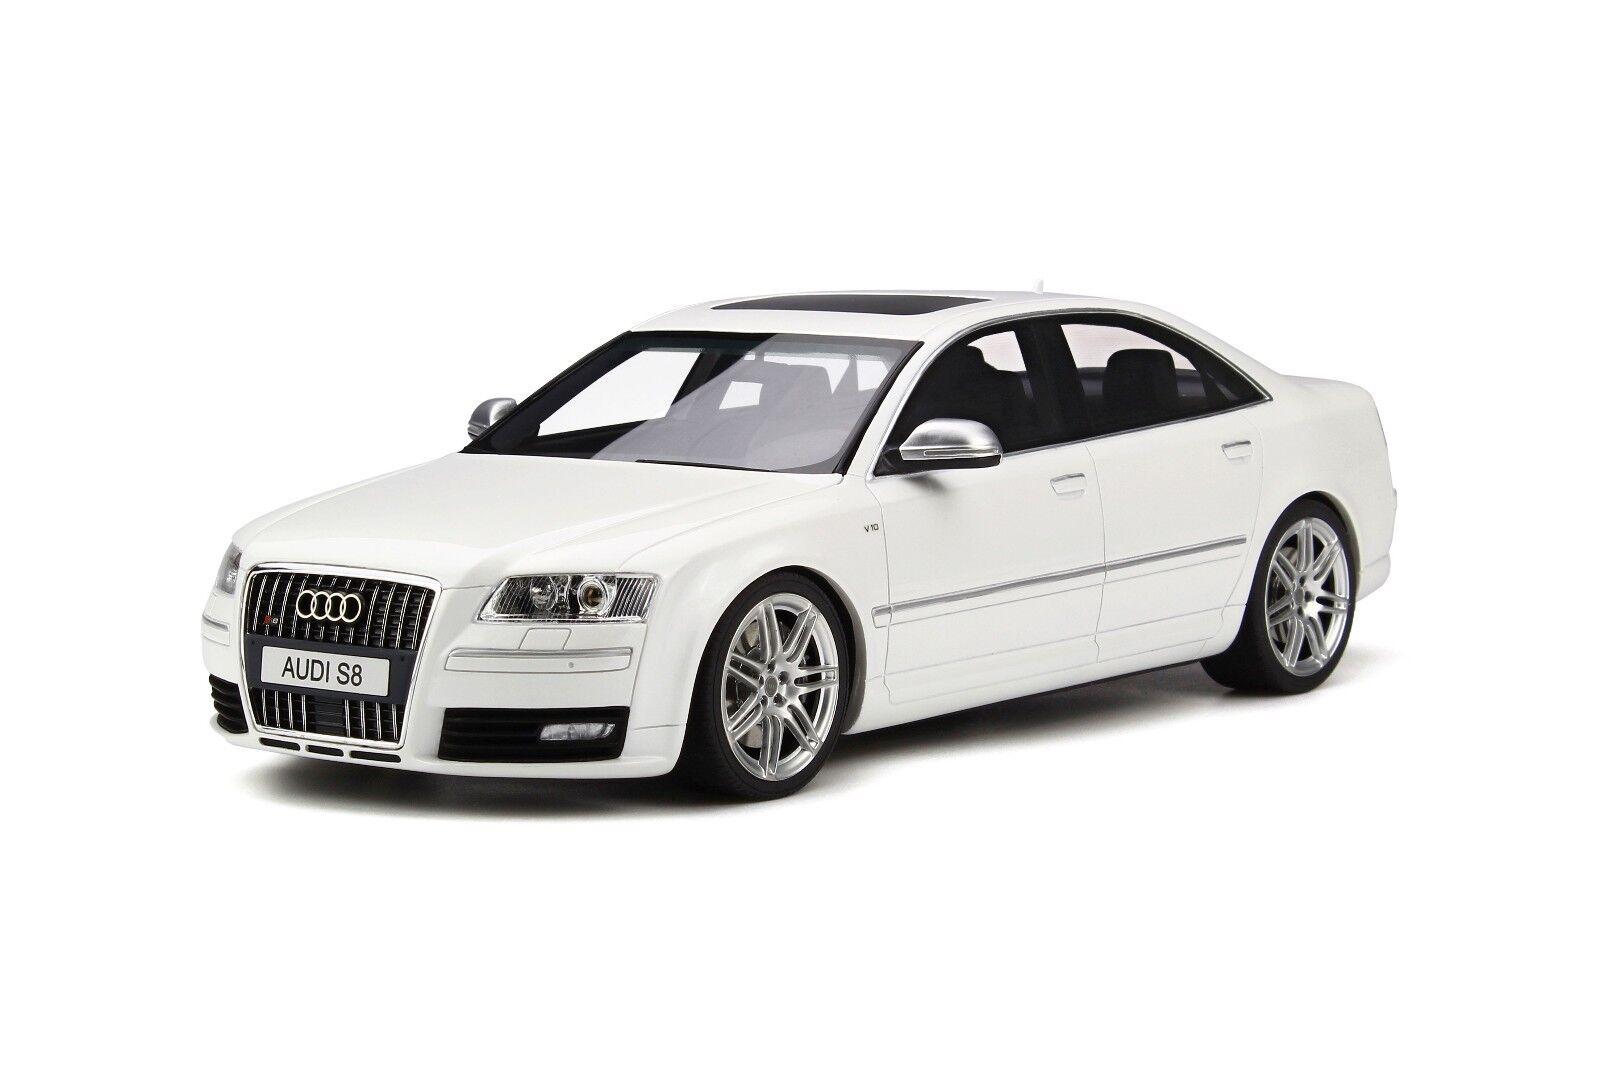 Audi S8 D3 5.2L V10 FSI Sports Limousine Ibis White White White 2008 Otto Mobile OT699 8ac90b